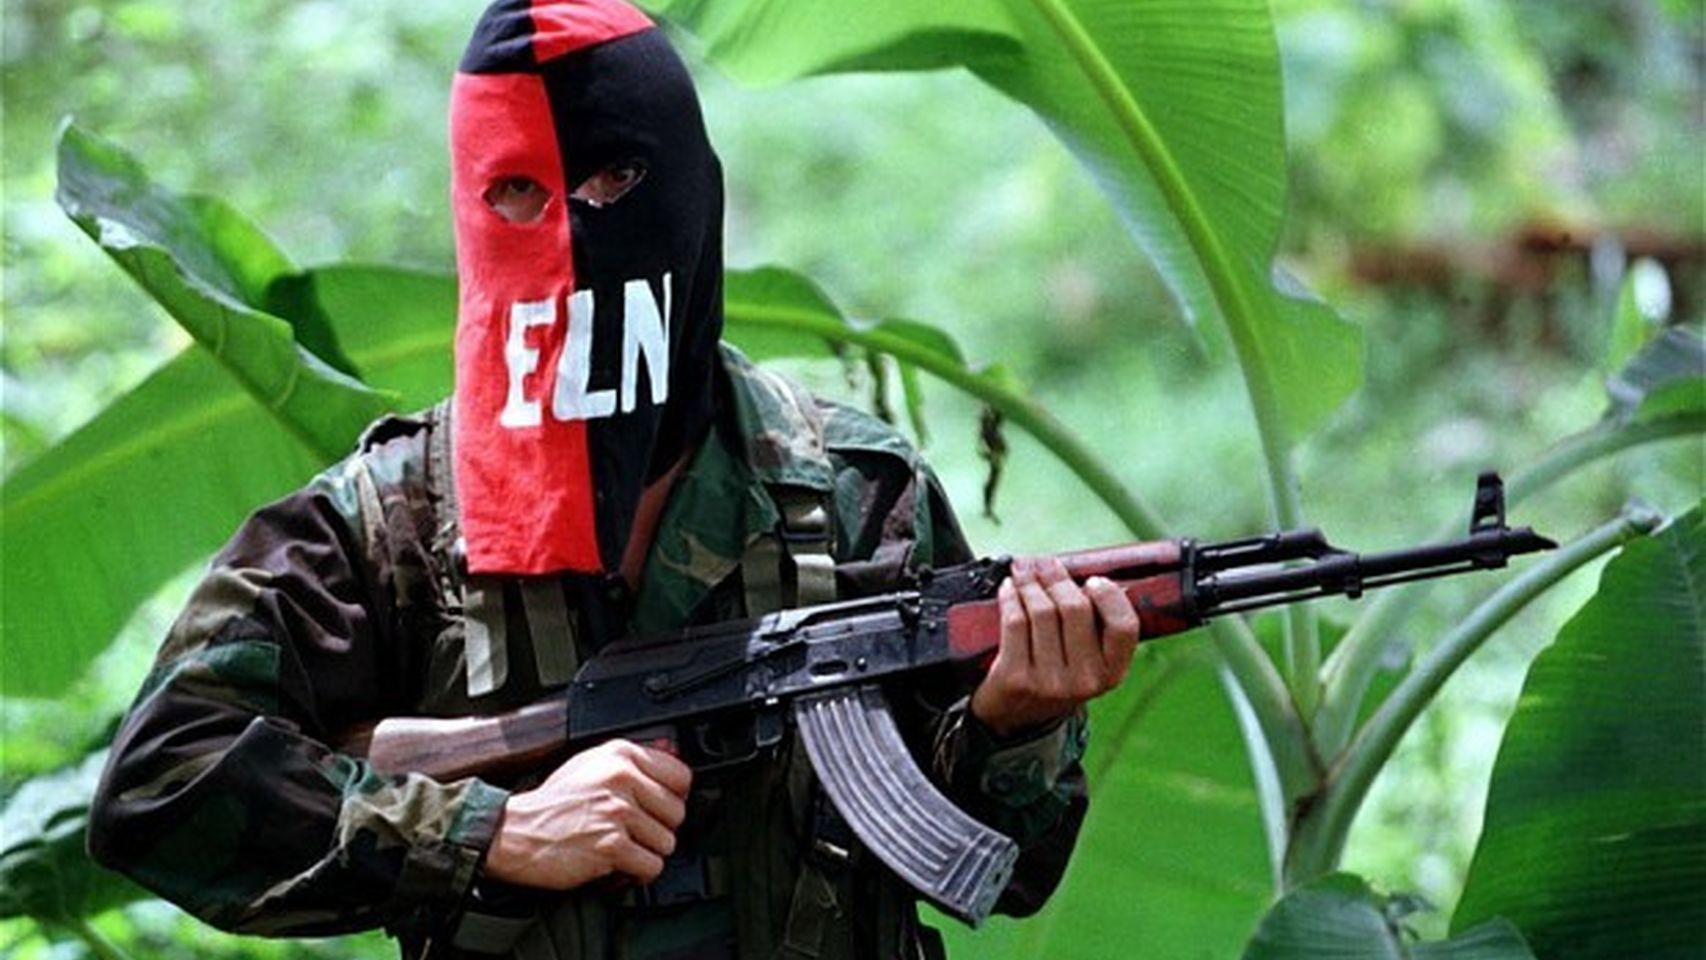 Jefe del ELN muere en combate con tropas del ejército colombiano